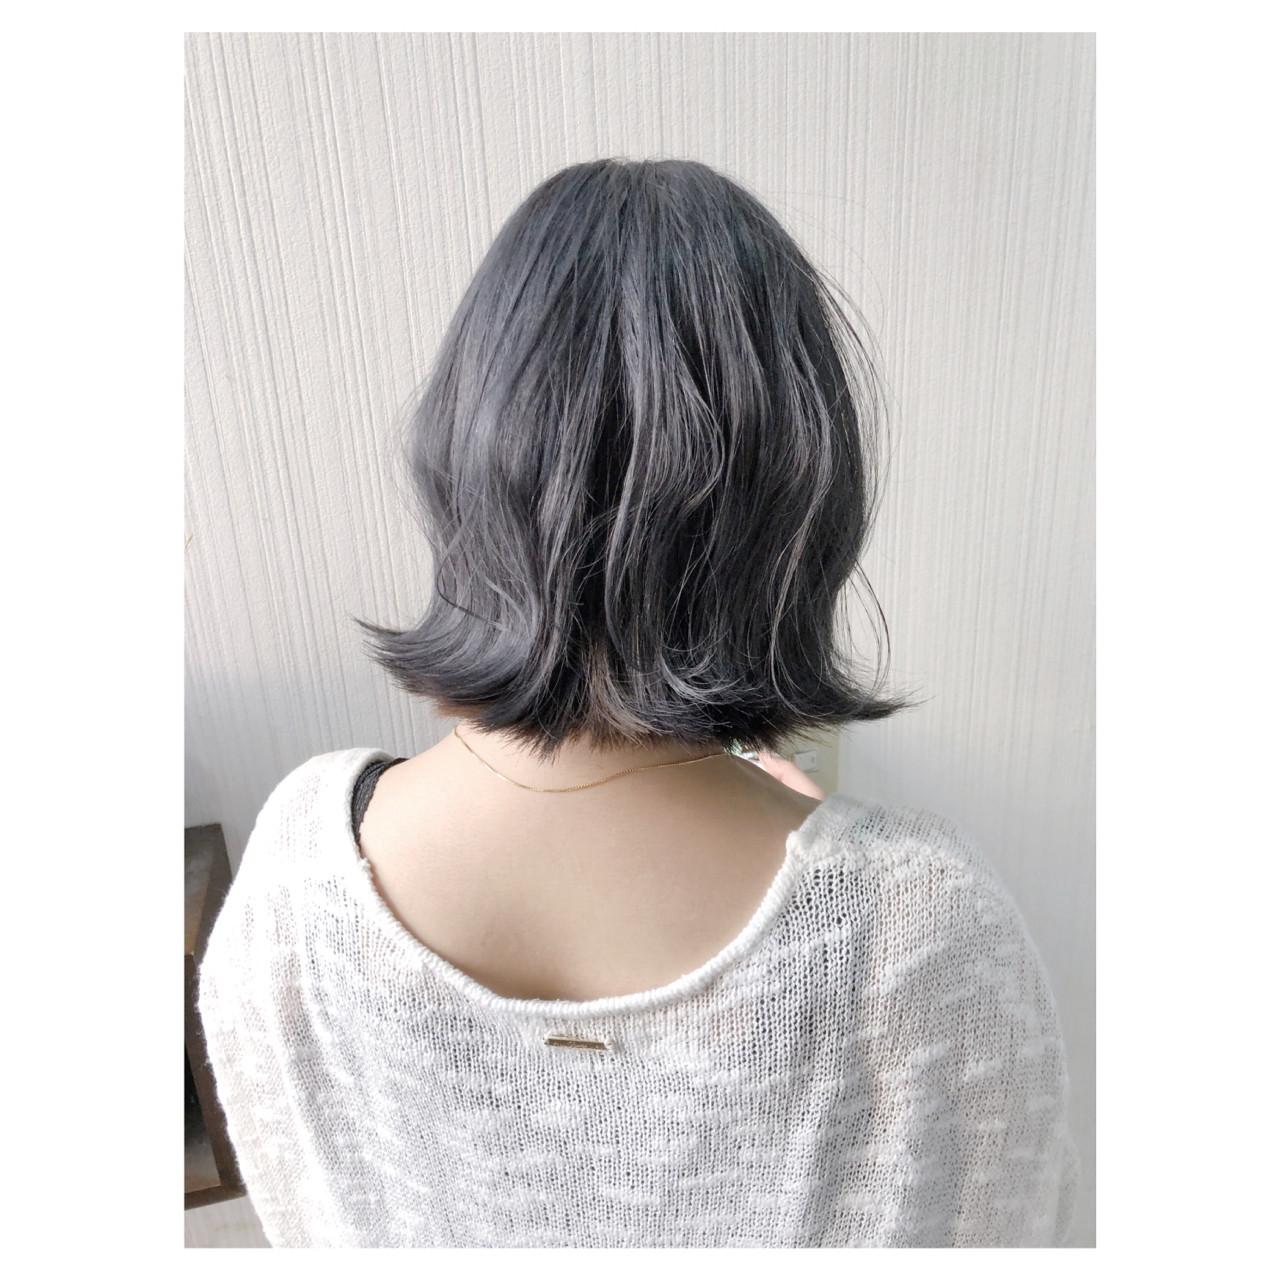 ヘアアレンジ デート ミディアム 外国人風カラー ヘアスタイルや髪型の写真・画像 | クラ / TOMCAT